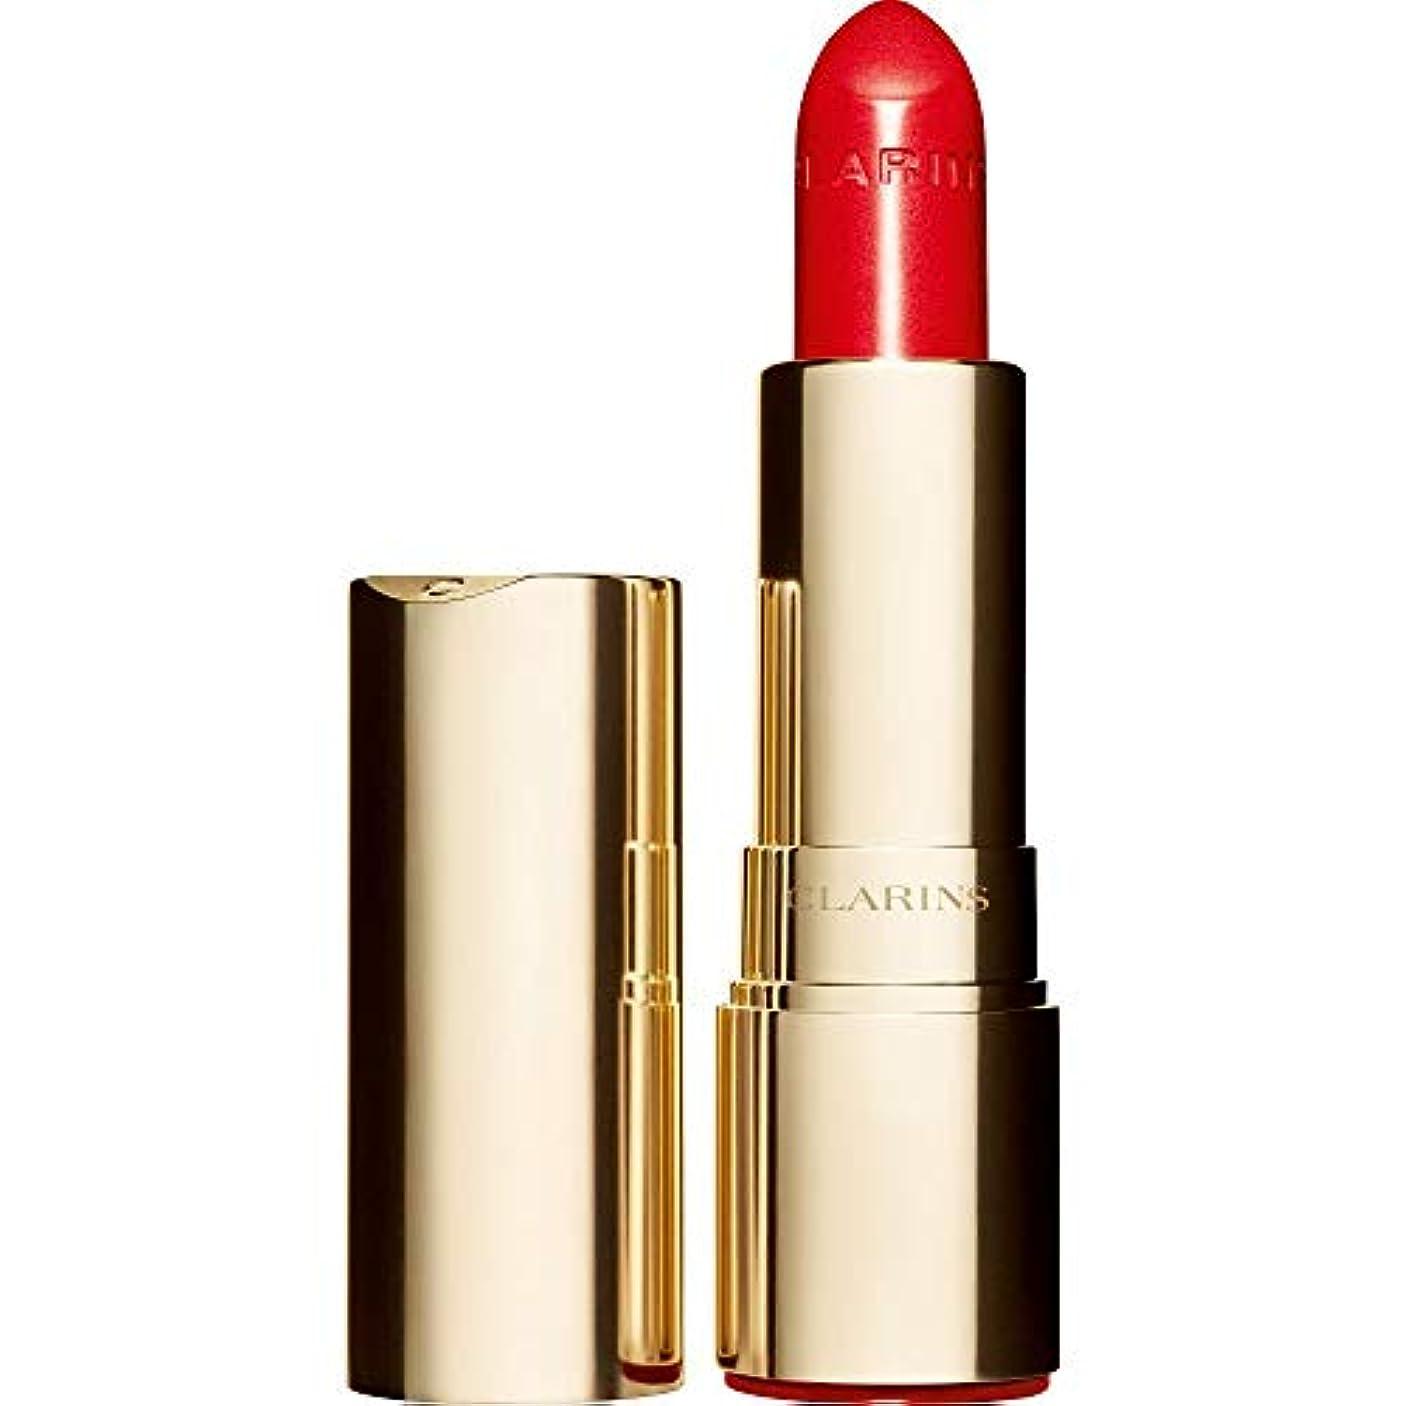 好ましい罹患率動物園[Clarins] クラランスジョリルージュブリリアント口紅3.5グラムの741S - 赤、オレンジ - Clarins Joli Rouge Brillant Lipstick 3.5g 741S - Red Orange...